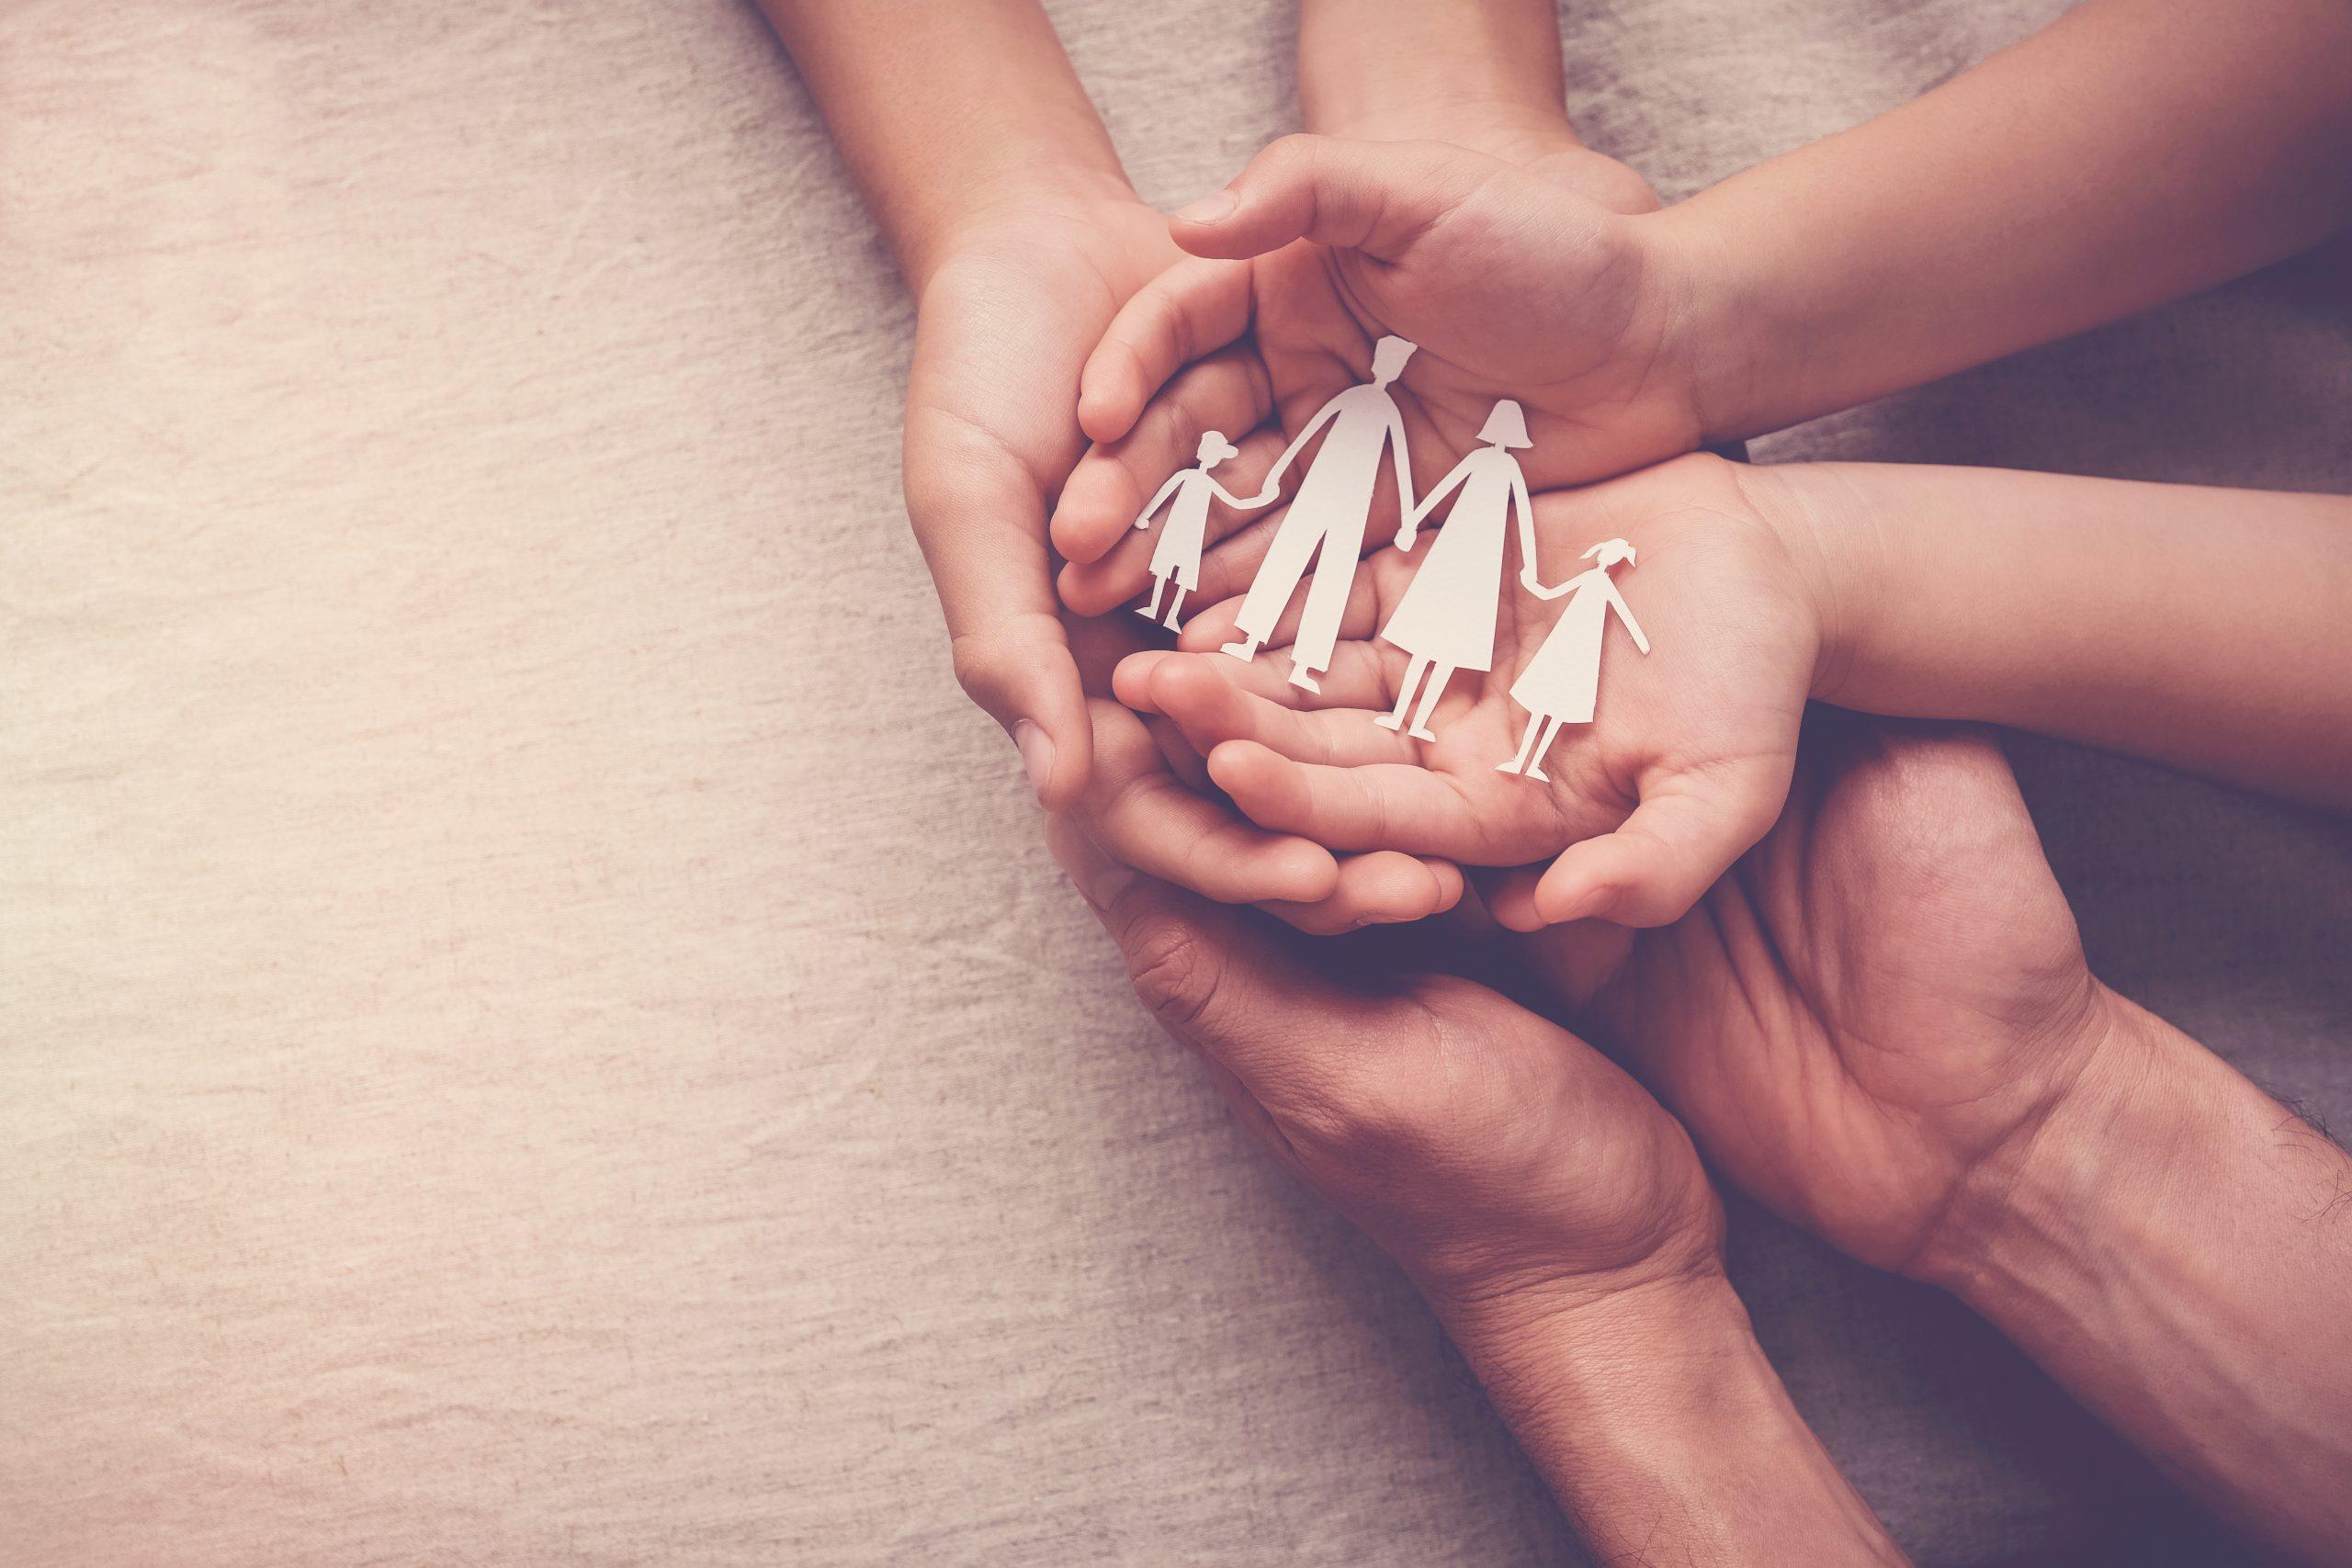 International Adoption, adopt foster children